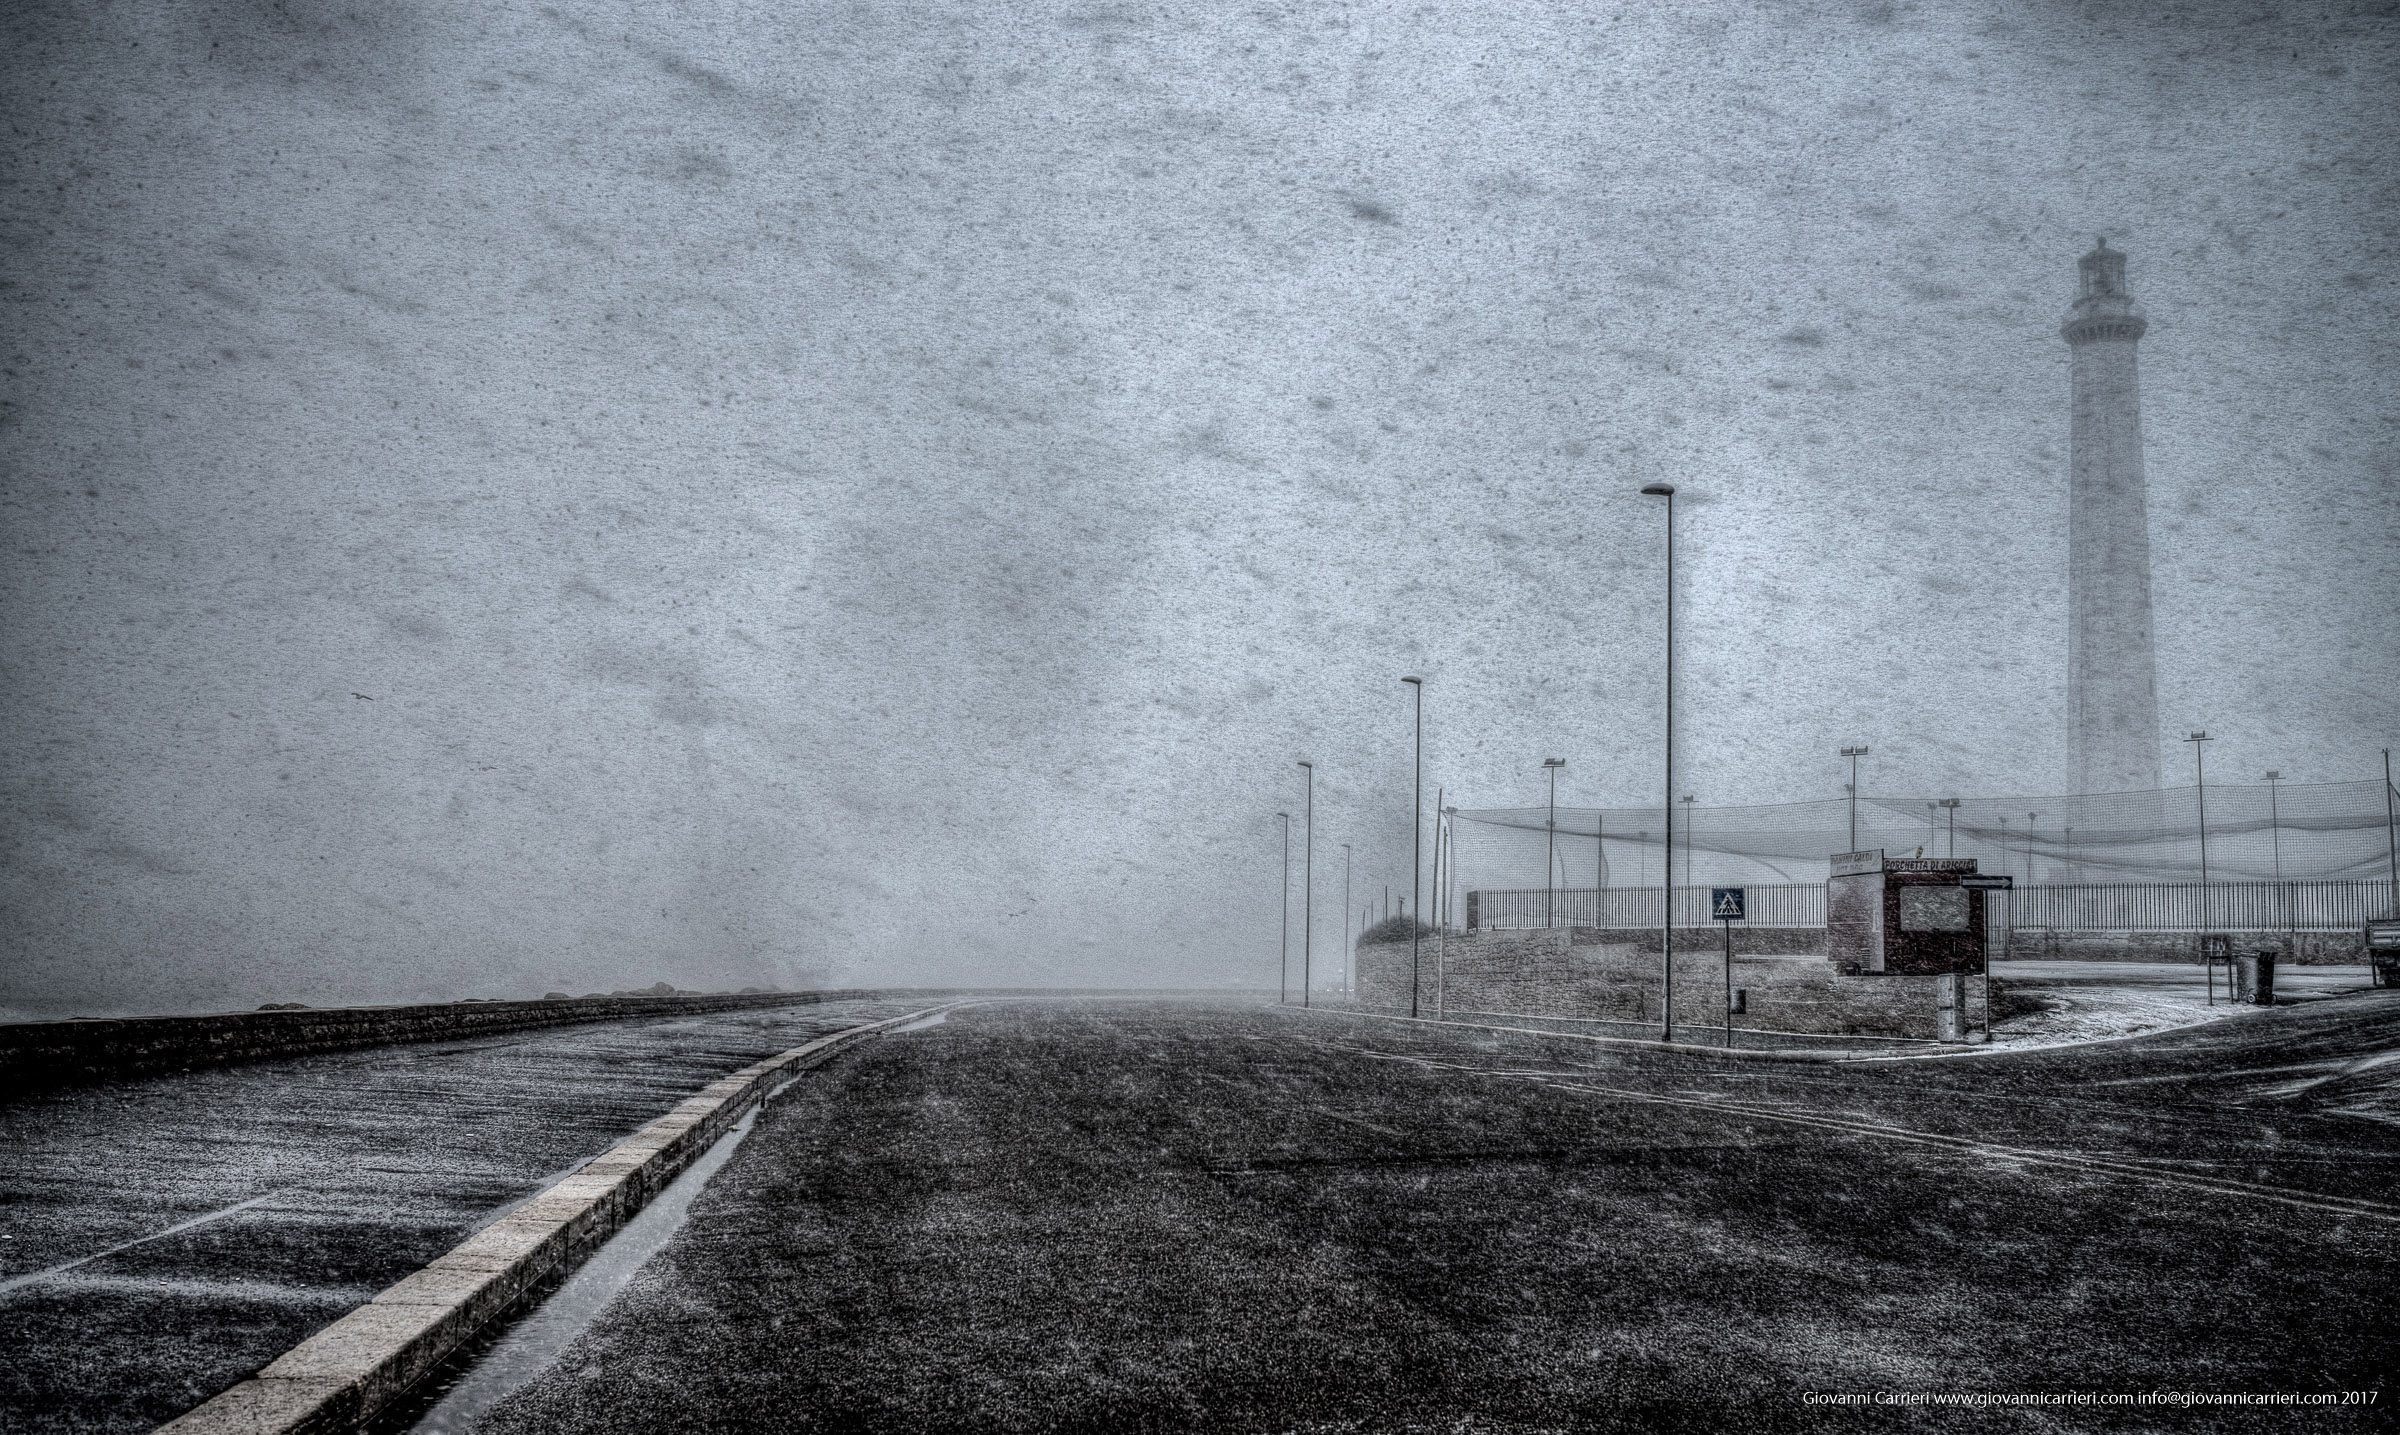 Lungomare Starita durante la bufera di neve, Bari